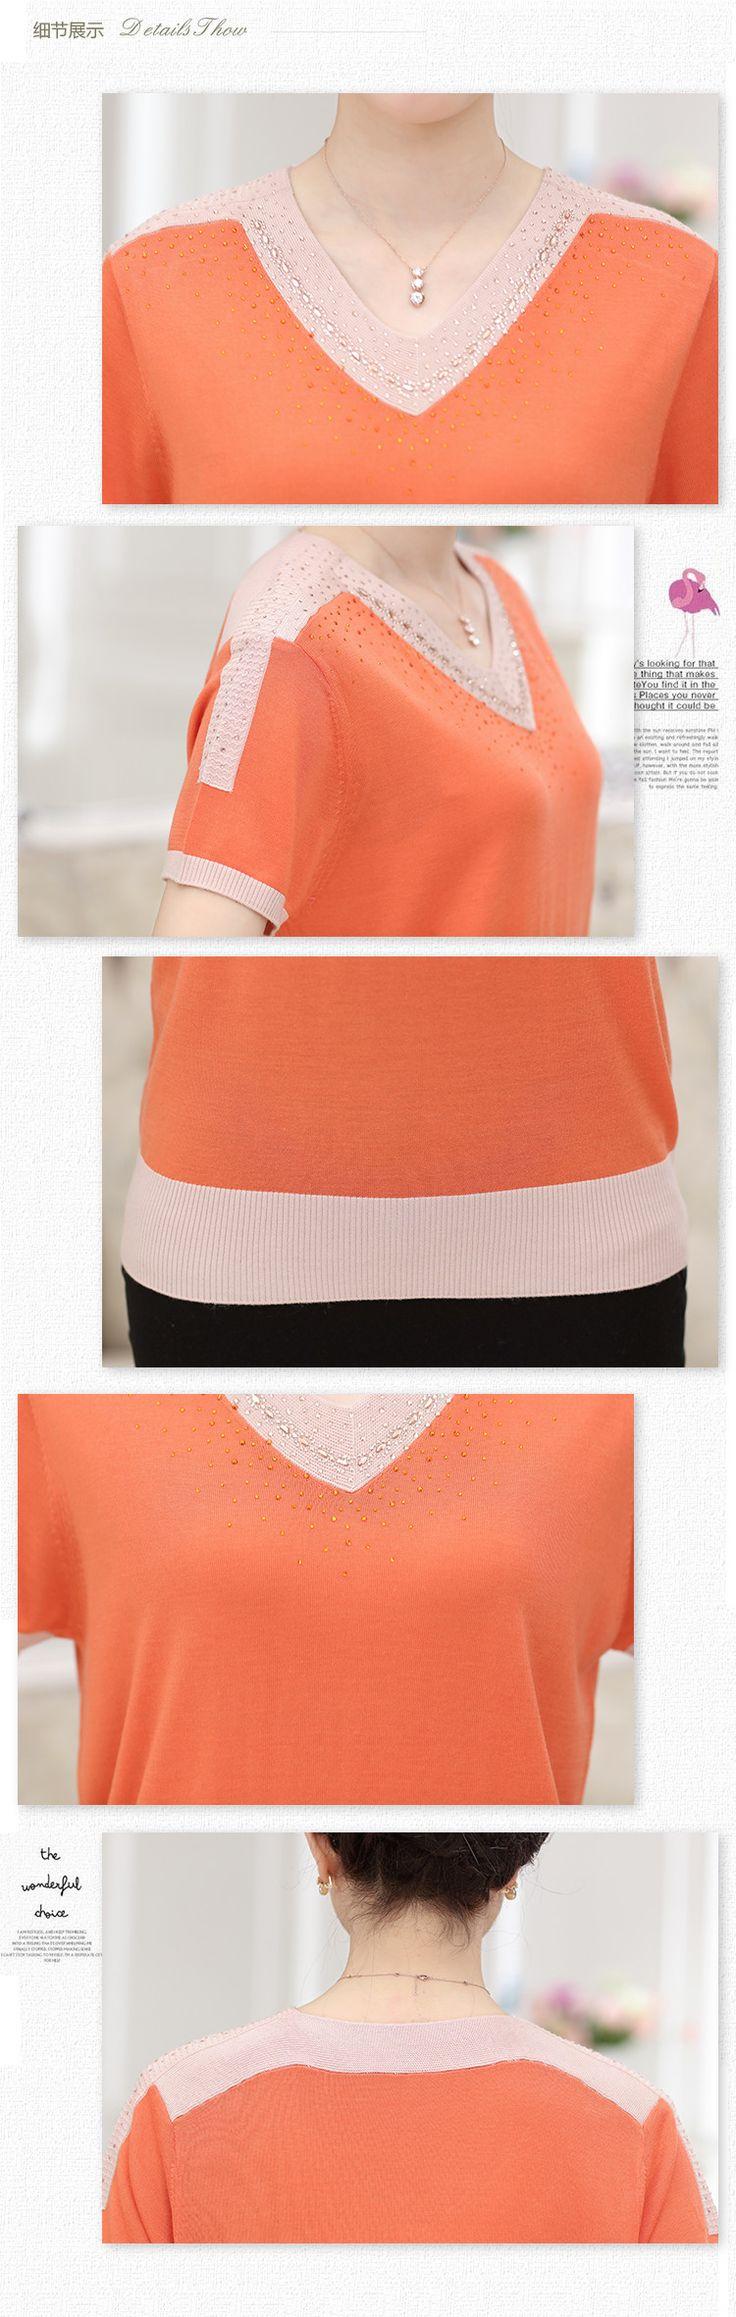 Aliexpress.com: Make yourself the most beautiful üzerinde Güvenilir t-shirt tüp tedarikçilerden 2016 güzel yeni kadın yaz V Yaka Tişört triko gevşek büyük boy kısa kollu T shirt ipek bayanlar tops Satın Alın